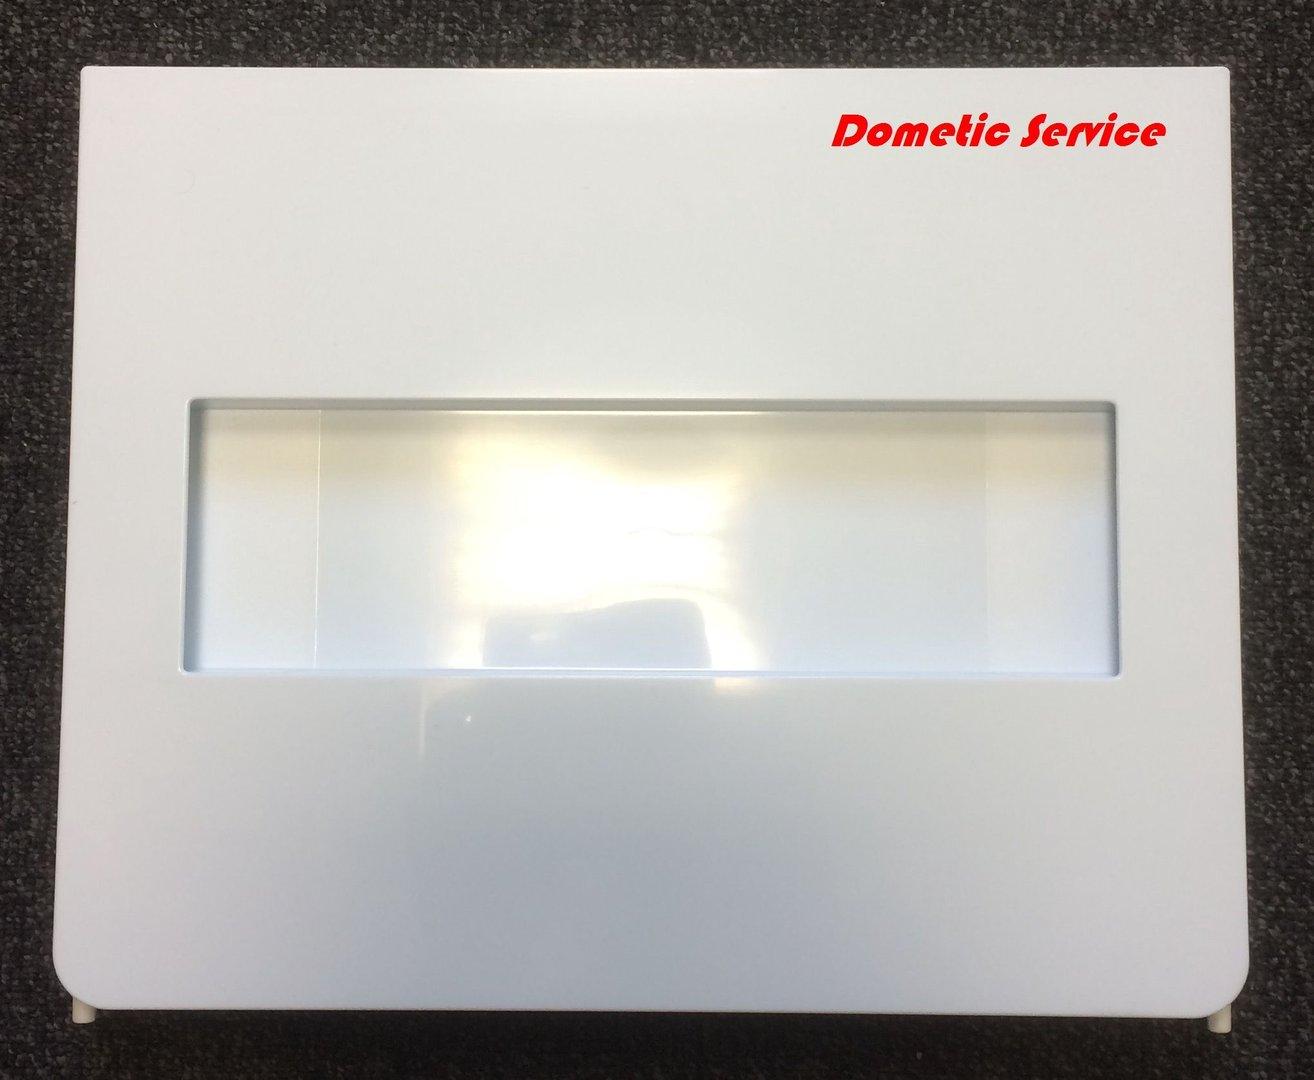 Kühlschrank Dometic : Bedienungsanleitung dometic rh kühlschrank kwh jahr d